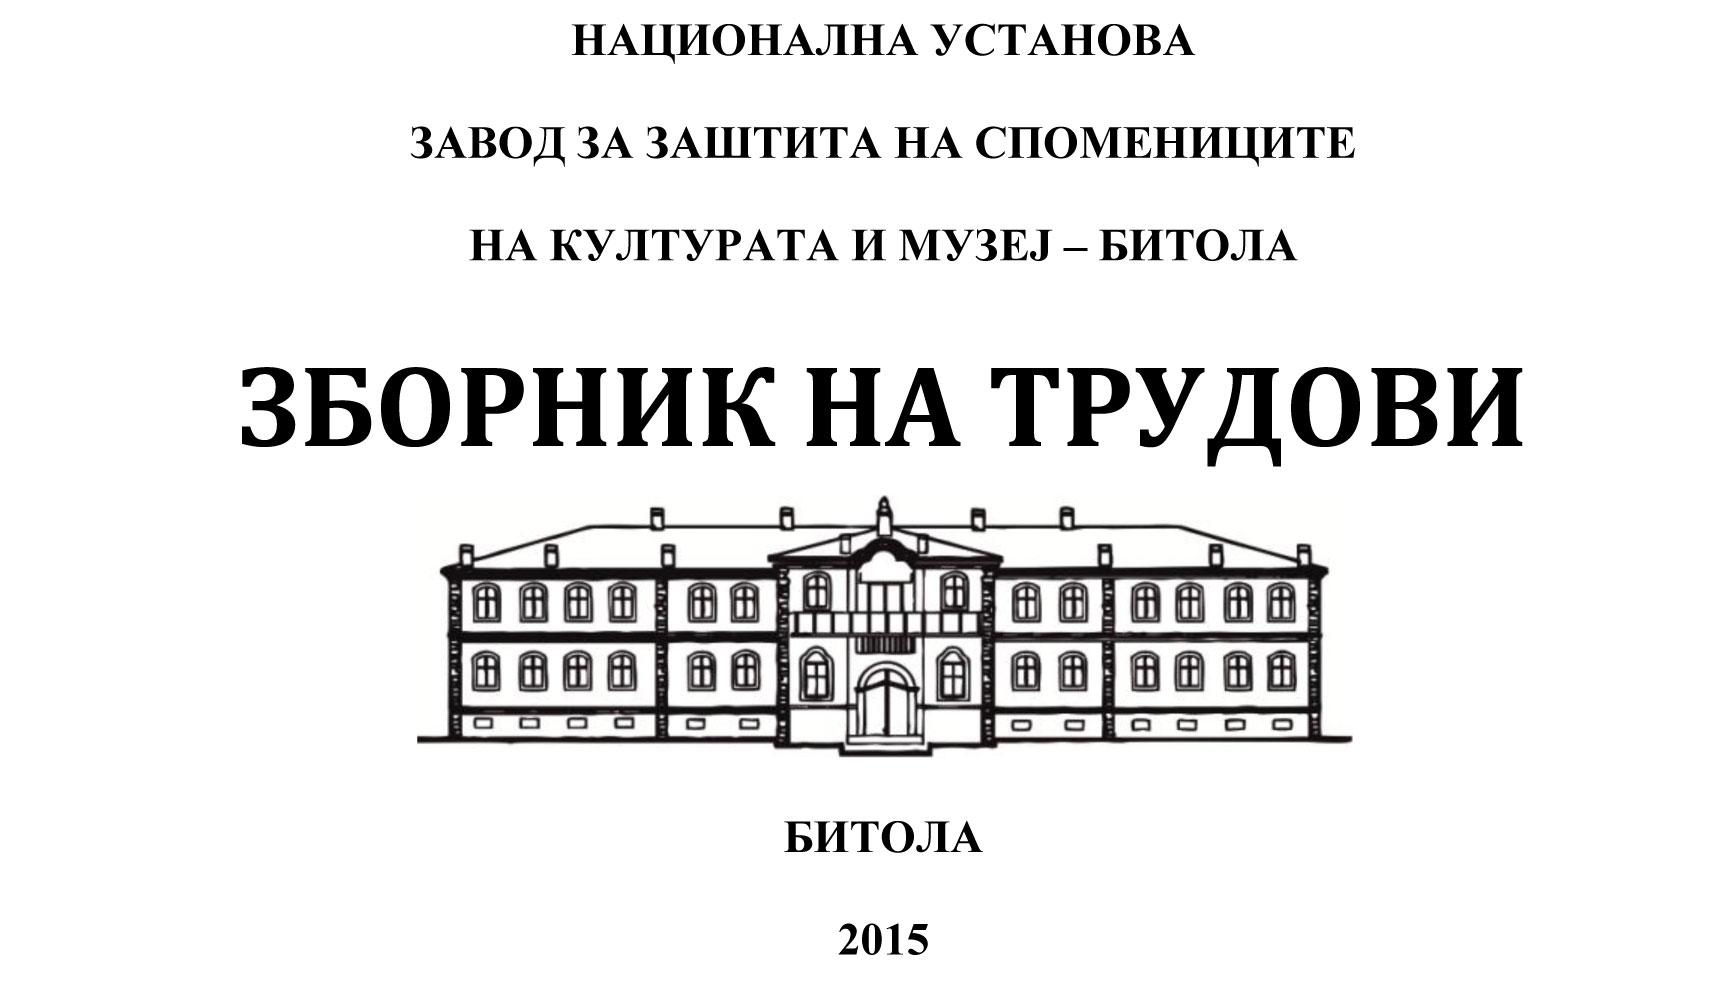 Насловна страна - Зборник на трудови бр 18, 2015 година